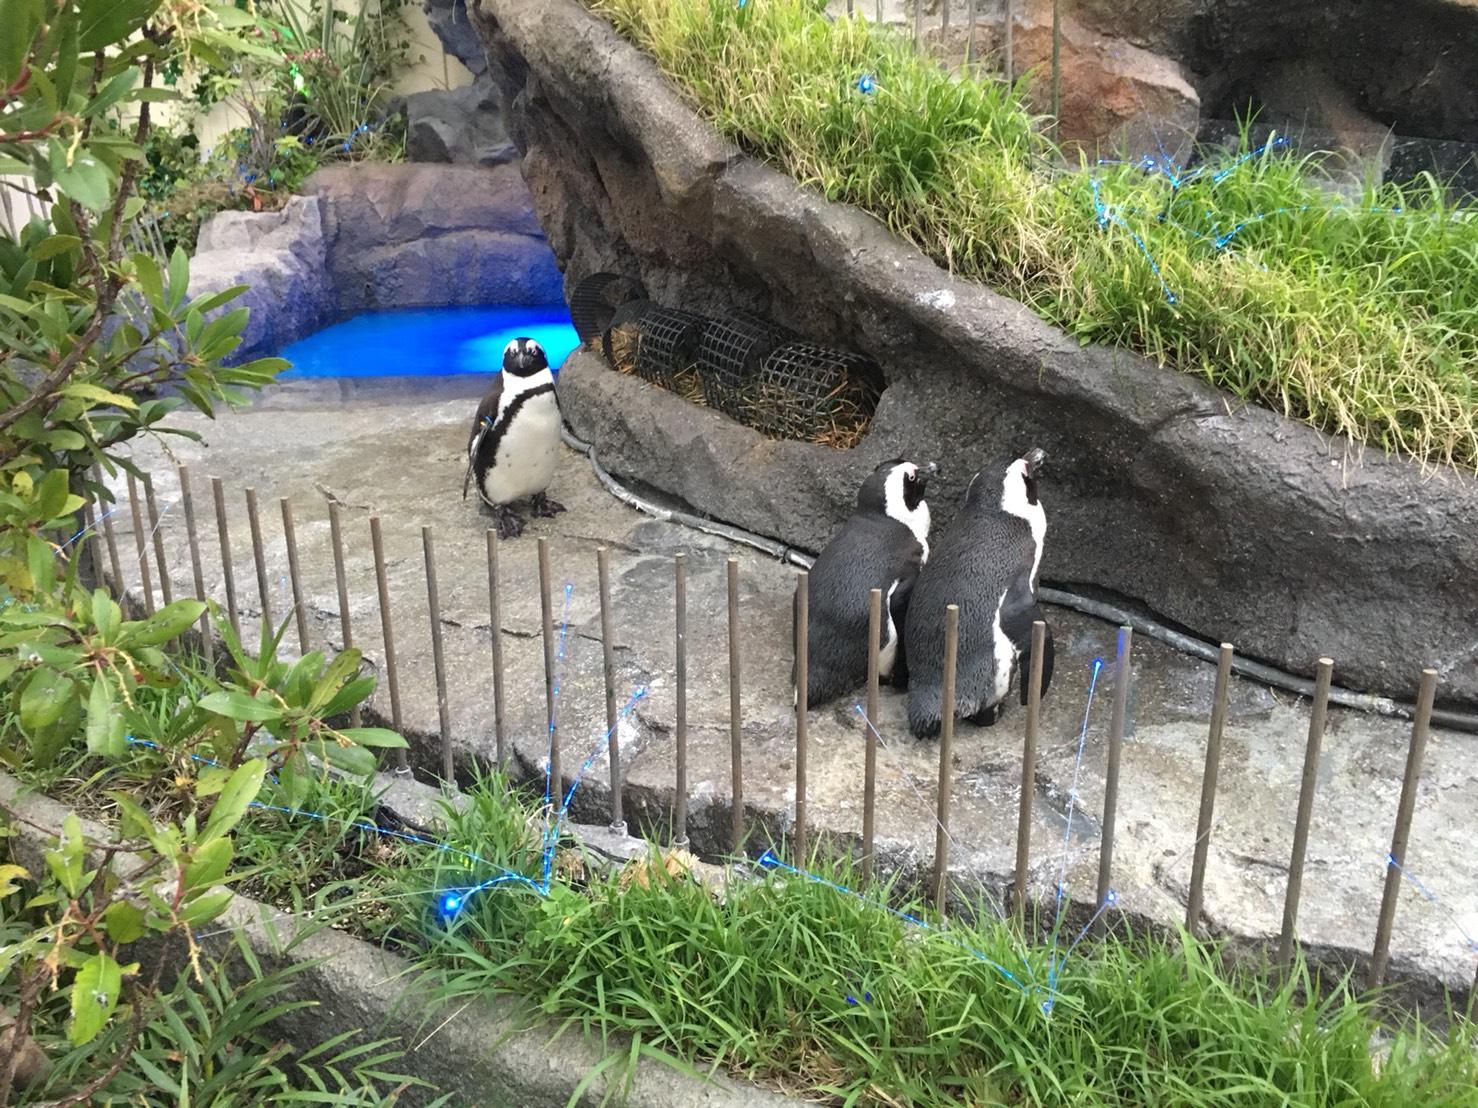 【池袋駅】「サンシャイン水族館」で癒されようよ!ほら早く!の空飛ぶペンギン3